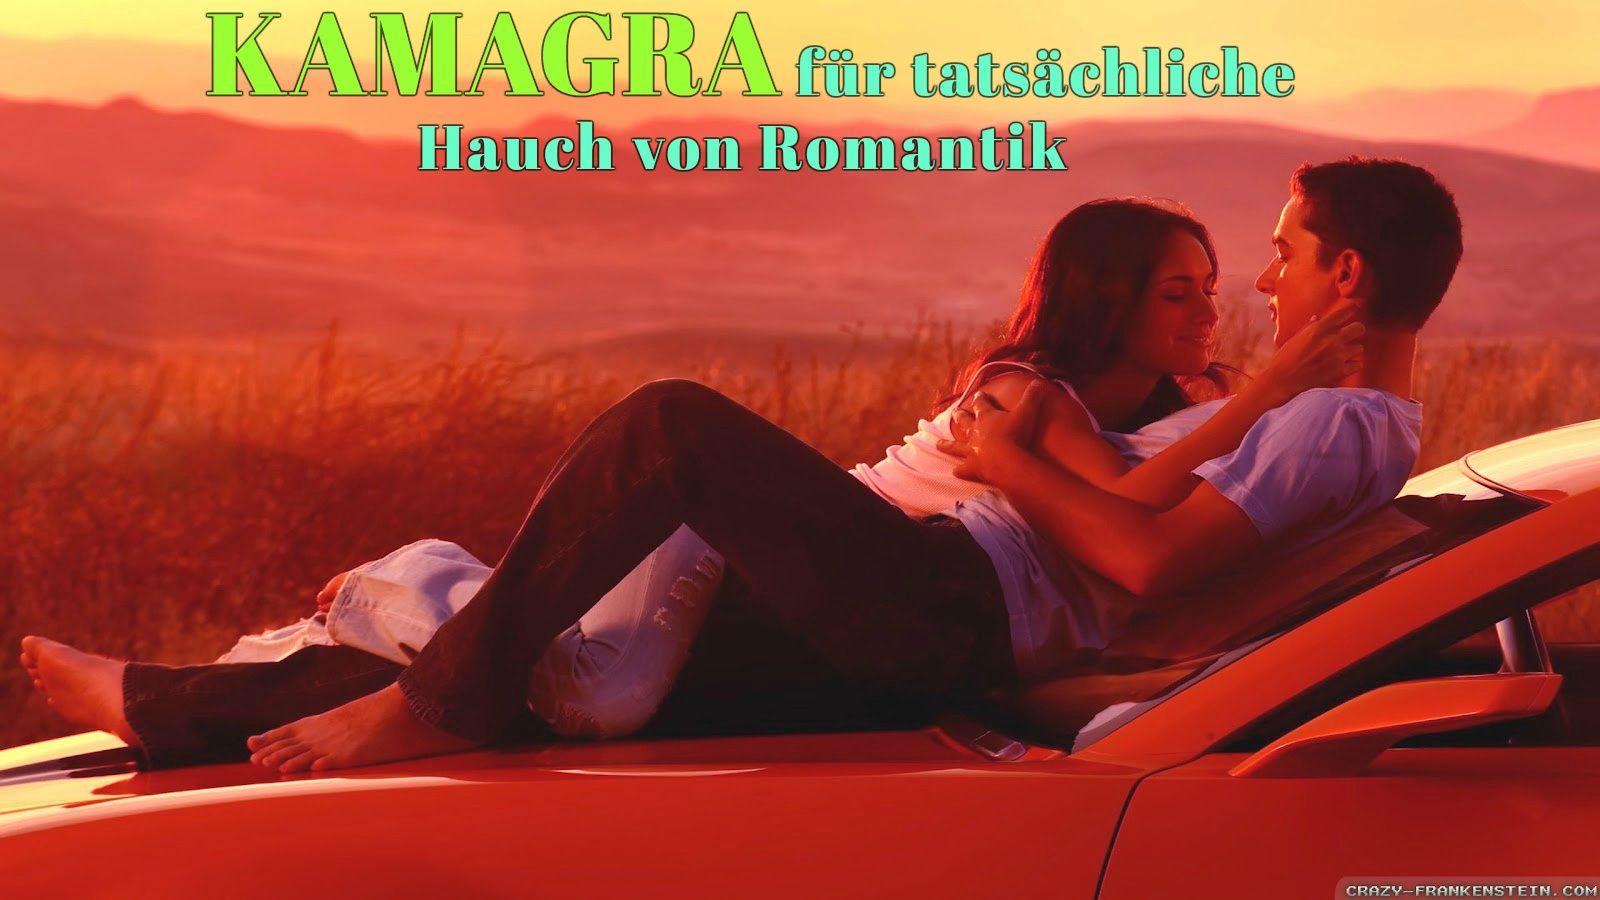 KAMAGRA medicine for actual exotic pleasure - Liebe ist ein Teil unseres persönlichen Lebens und wo Liebe, es alles ist und Kamagra http://www.kamagramart.org/starten-sie-mit-kamagra-fur-tatsachliche-hauch-von-romantik ist die beste Quelle für echten Hauch von Liebe ist es ganz hilfreich Medizin für die ultimative exotischen Vergnügen mit längeren Erektion und besseren Rückfluss des Blutes zum Zeitpunkt des Geschlechtsverkehrs. Daher Kamagra Bestellen durch online und voll füllen Sie alle…